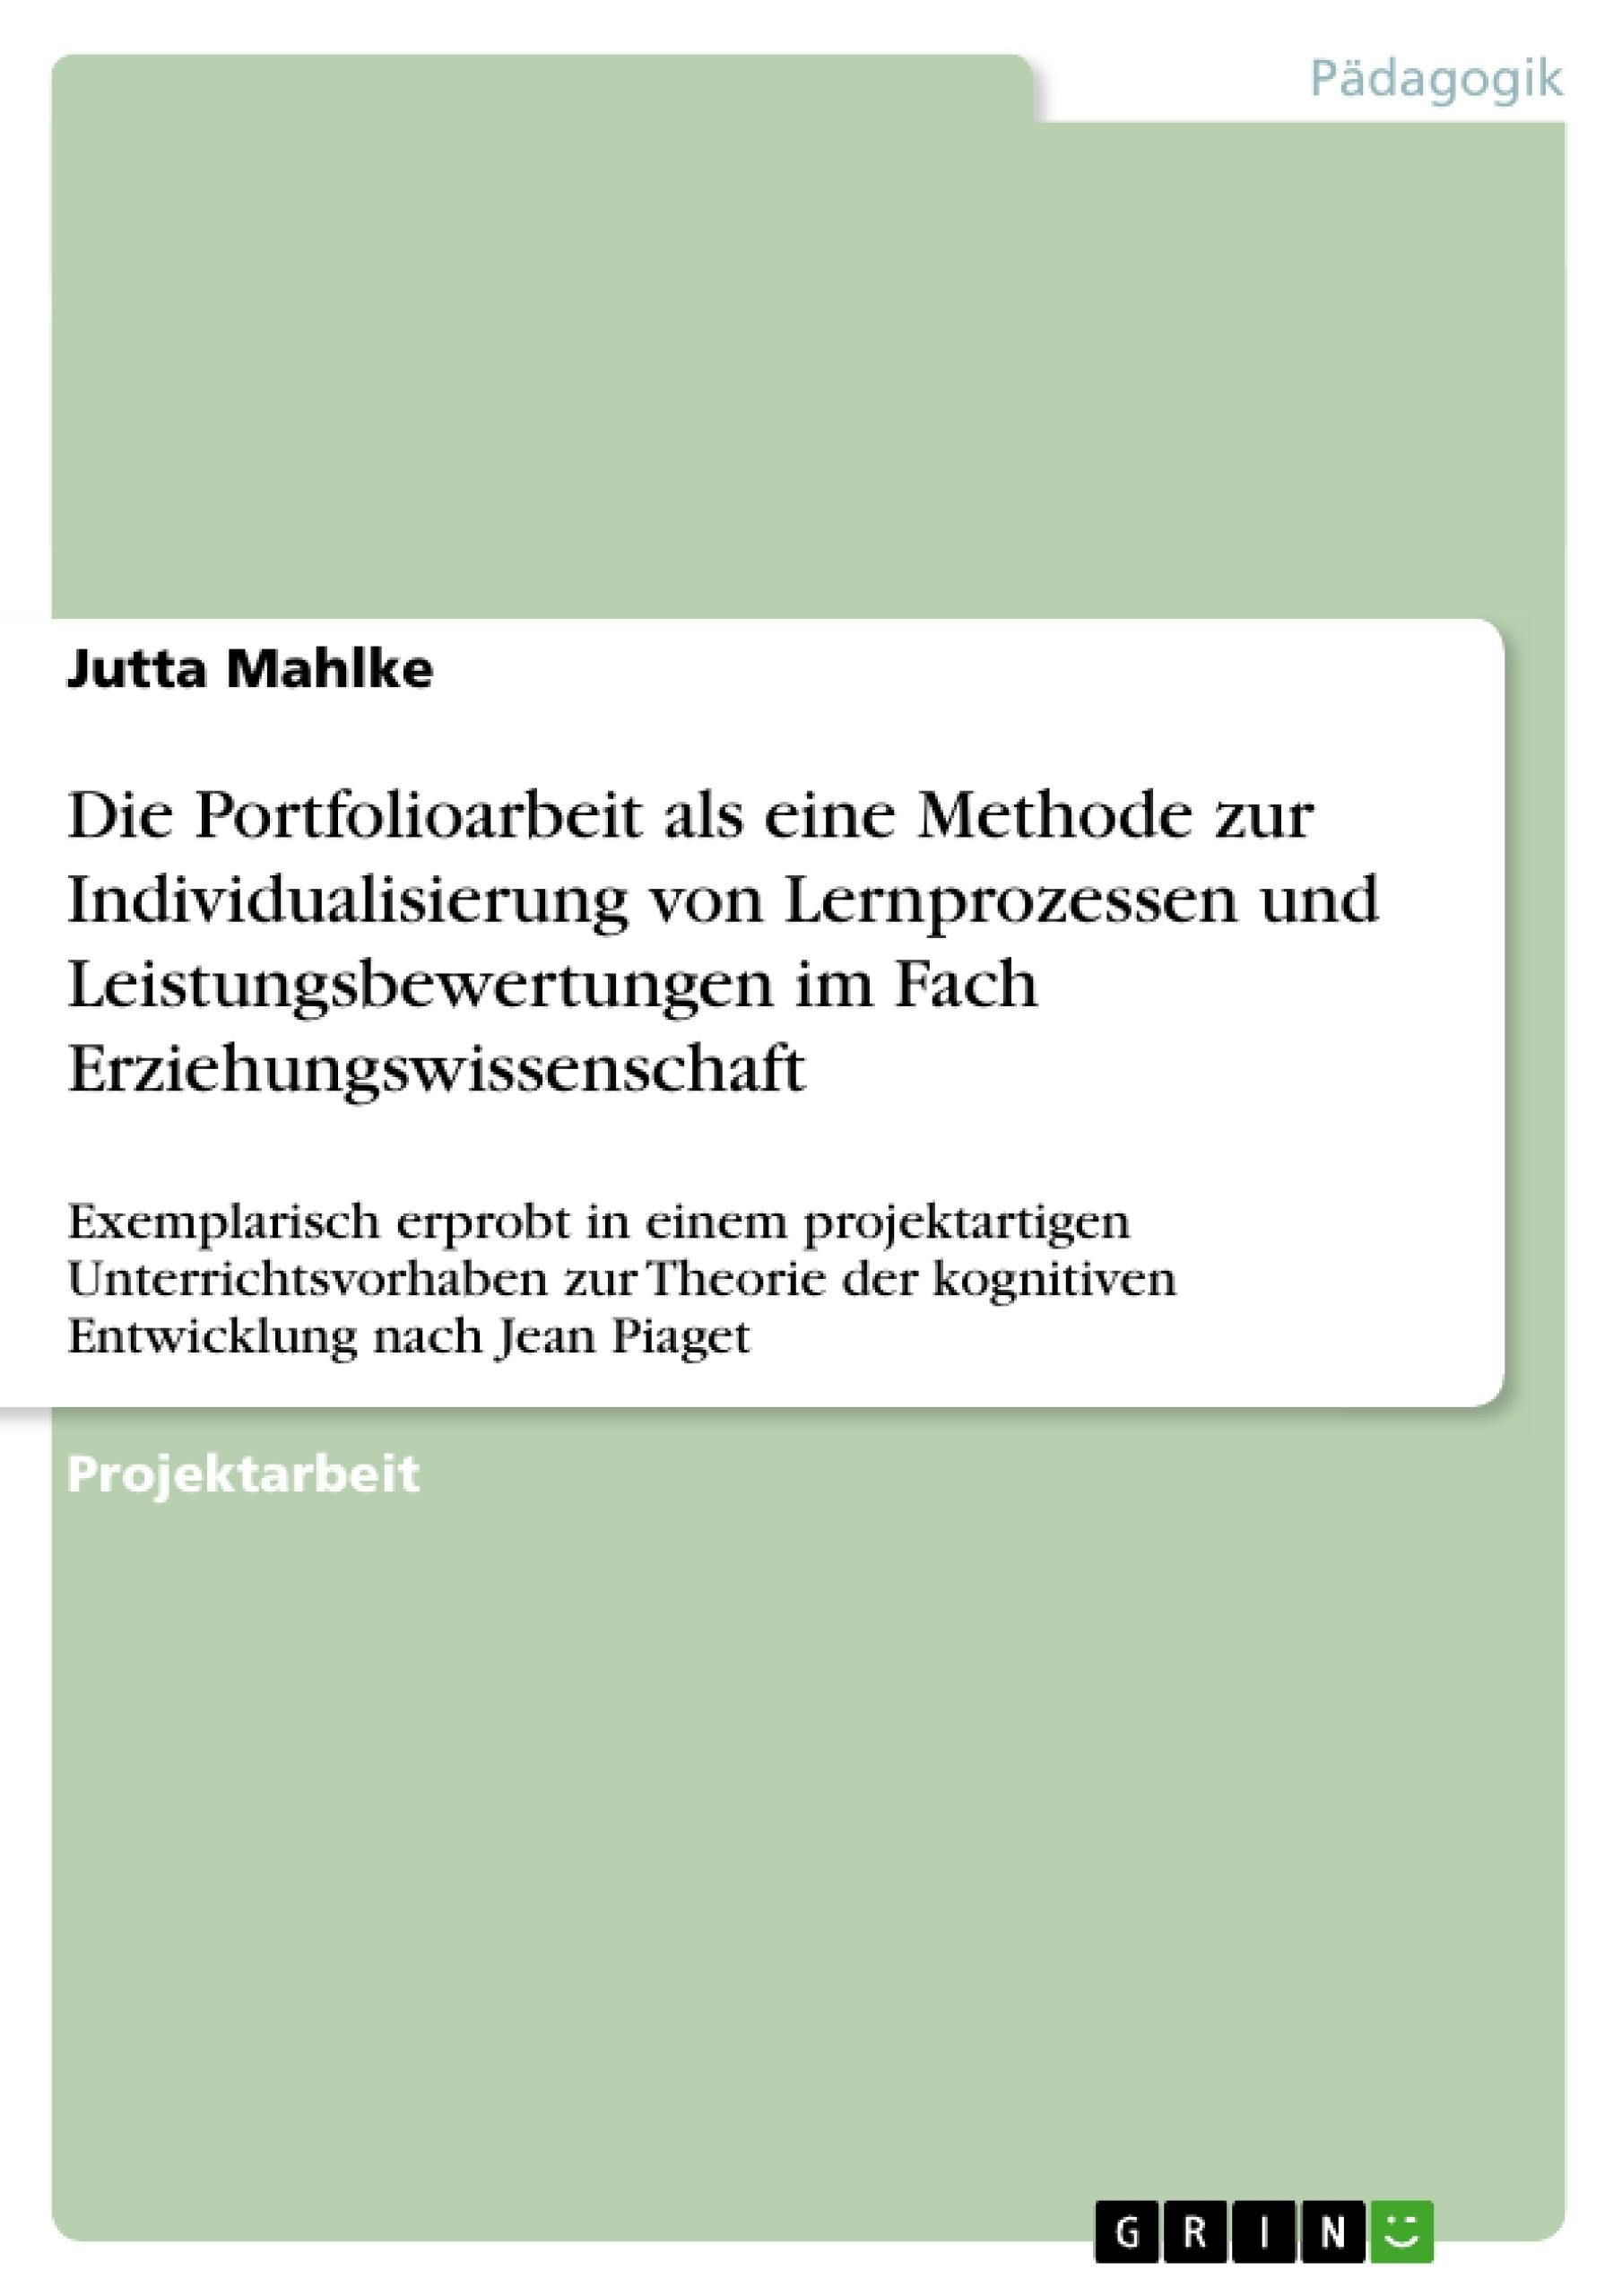 Titel: Die Portfolioarbeit als eine Methode zur Individualisierung von Lernprozessen und Leistungsbewertungen im Fach Erziehungswissenschaft